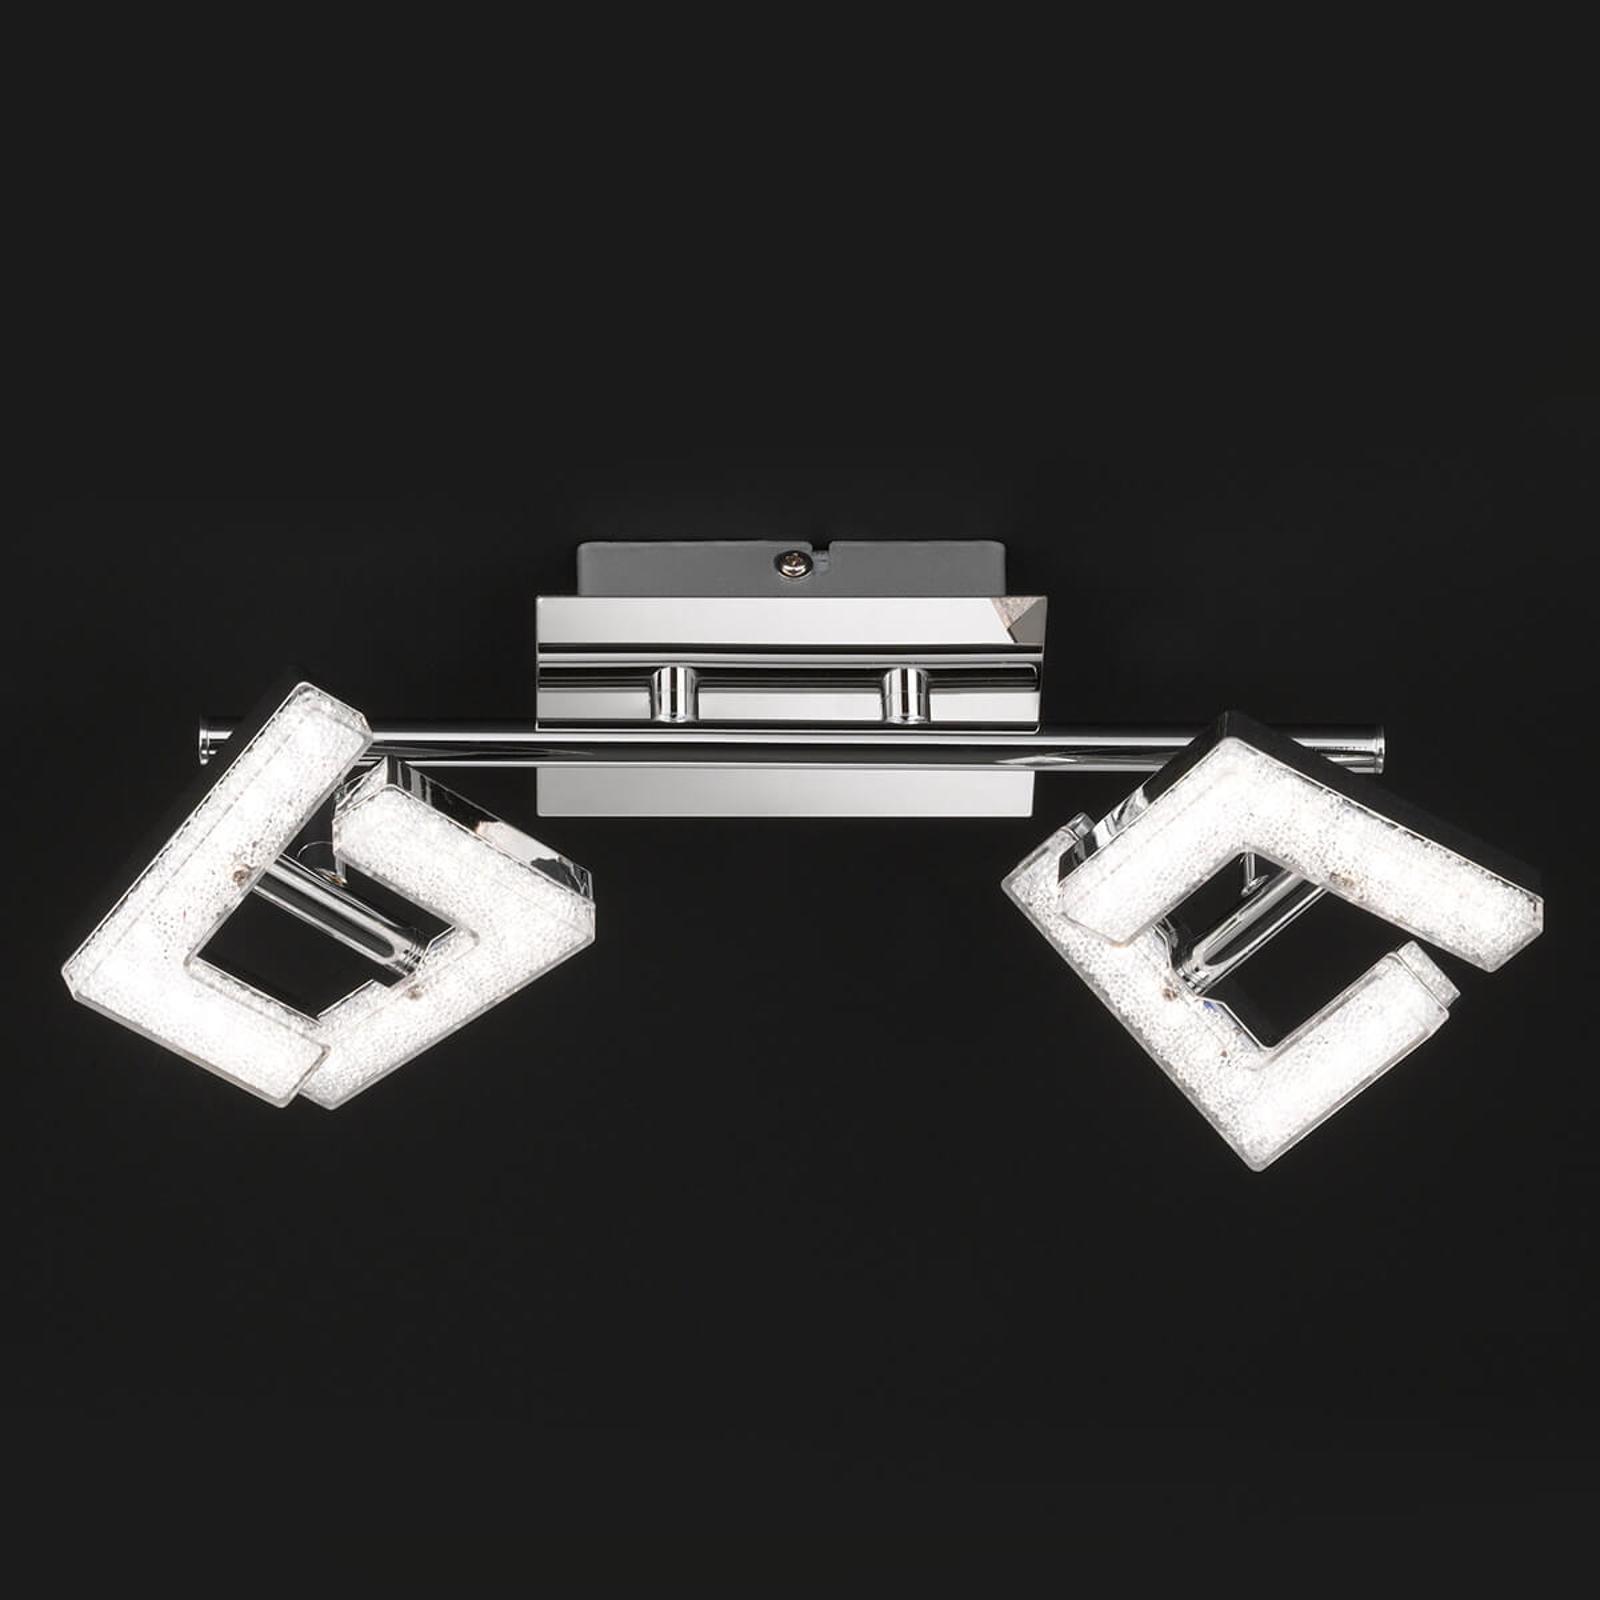 Justerbar LED-taklampa Lea, med kristalleffekt